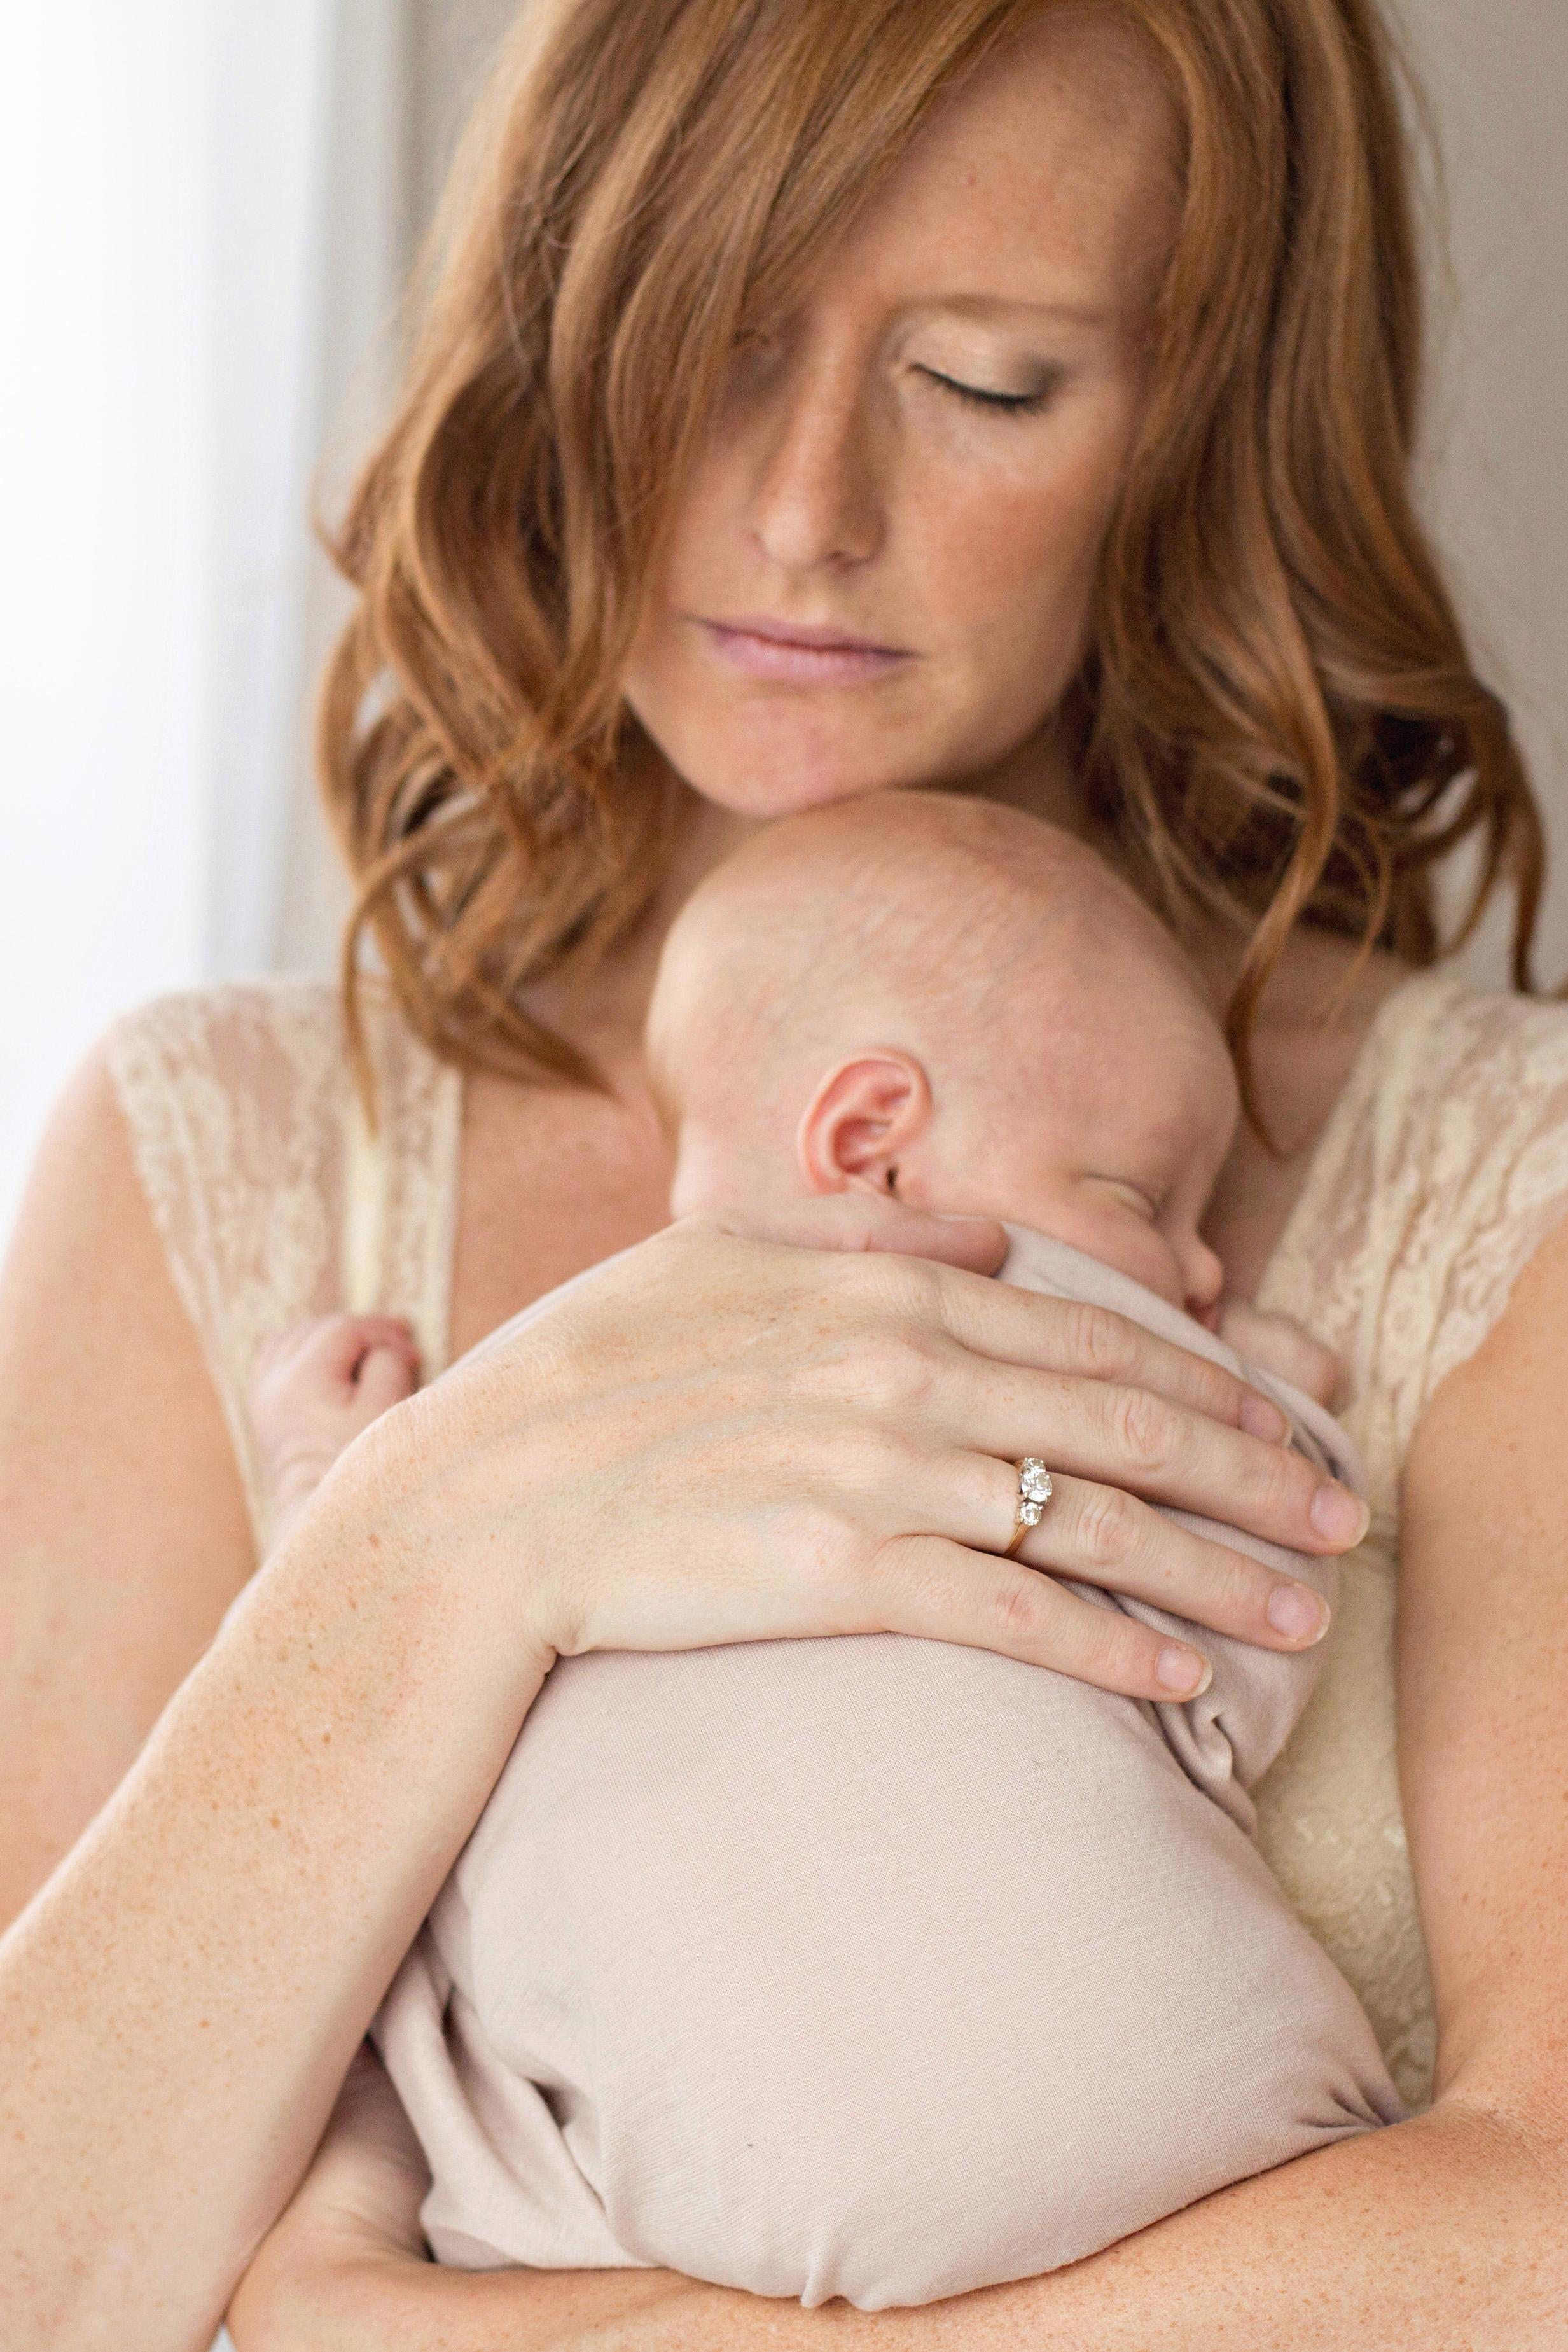 louisville ky newborn photographer | julie brock photography | louisville ky family photographer | louisville ky maternity photographer | baby photographer